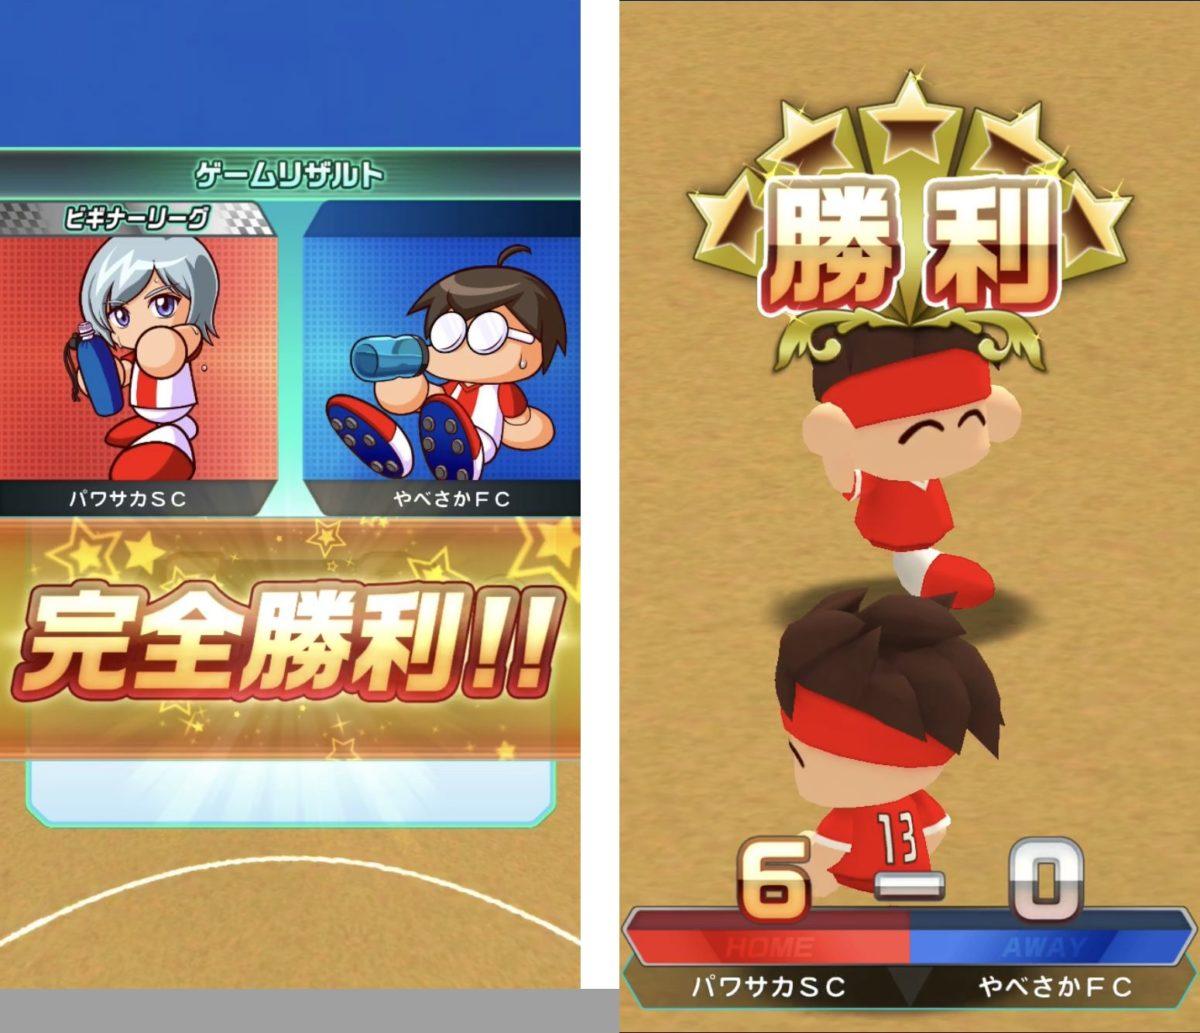 実況パワフルサッカー_レビュー